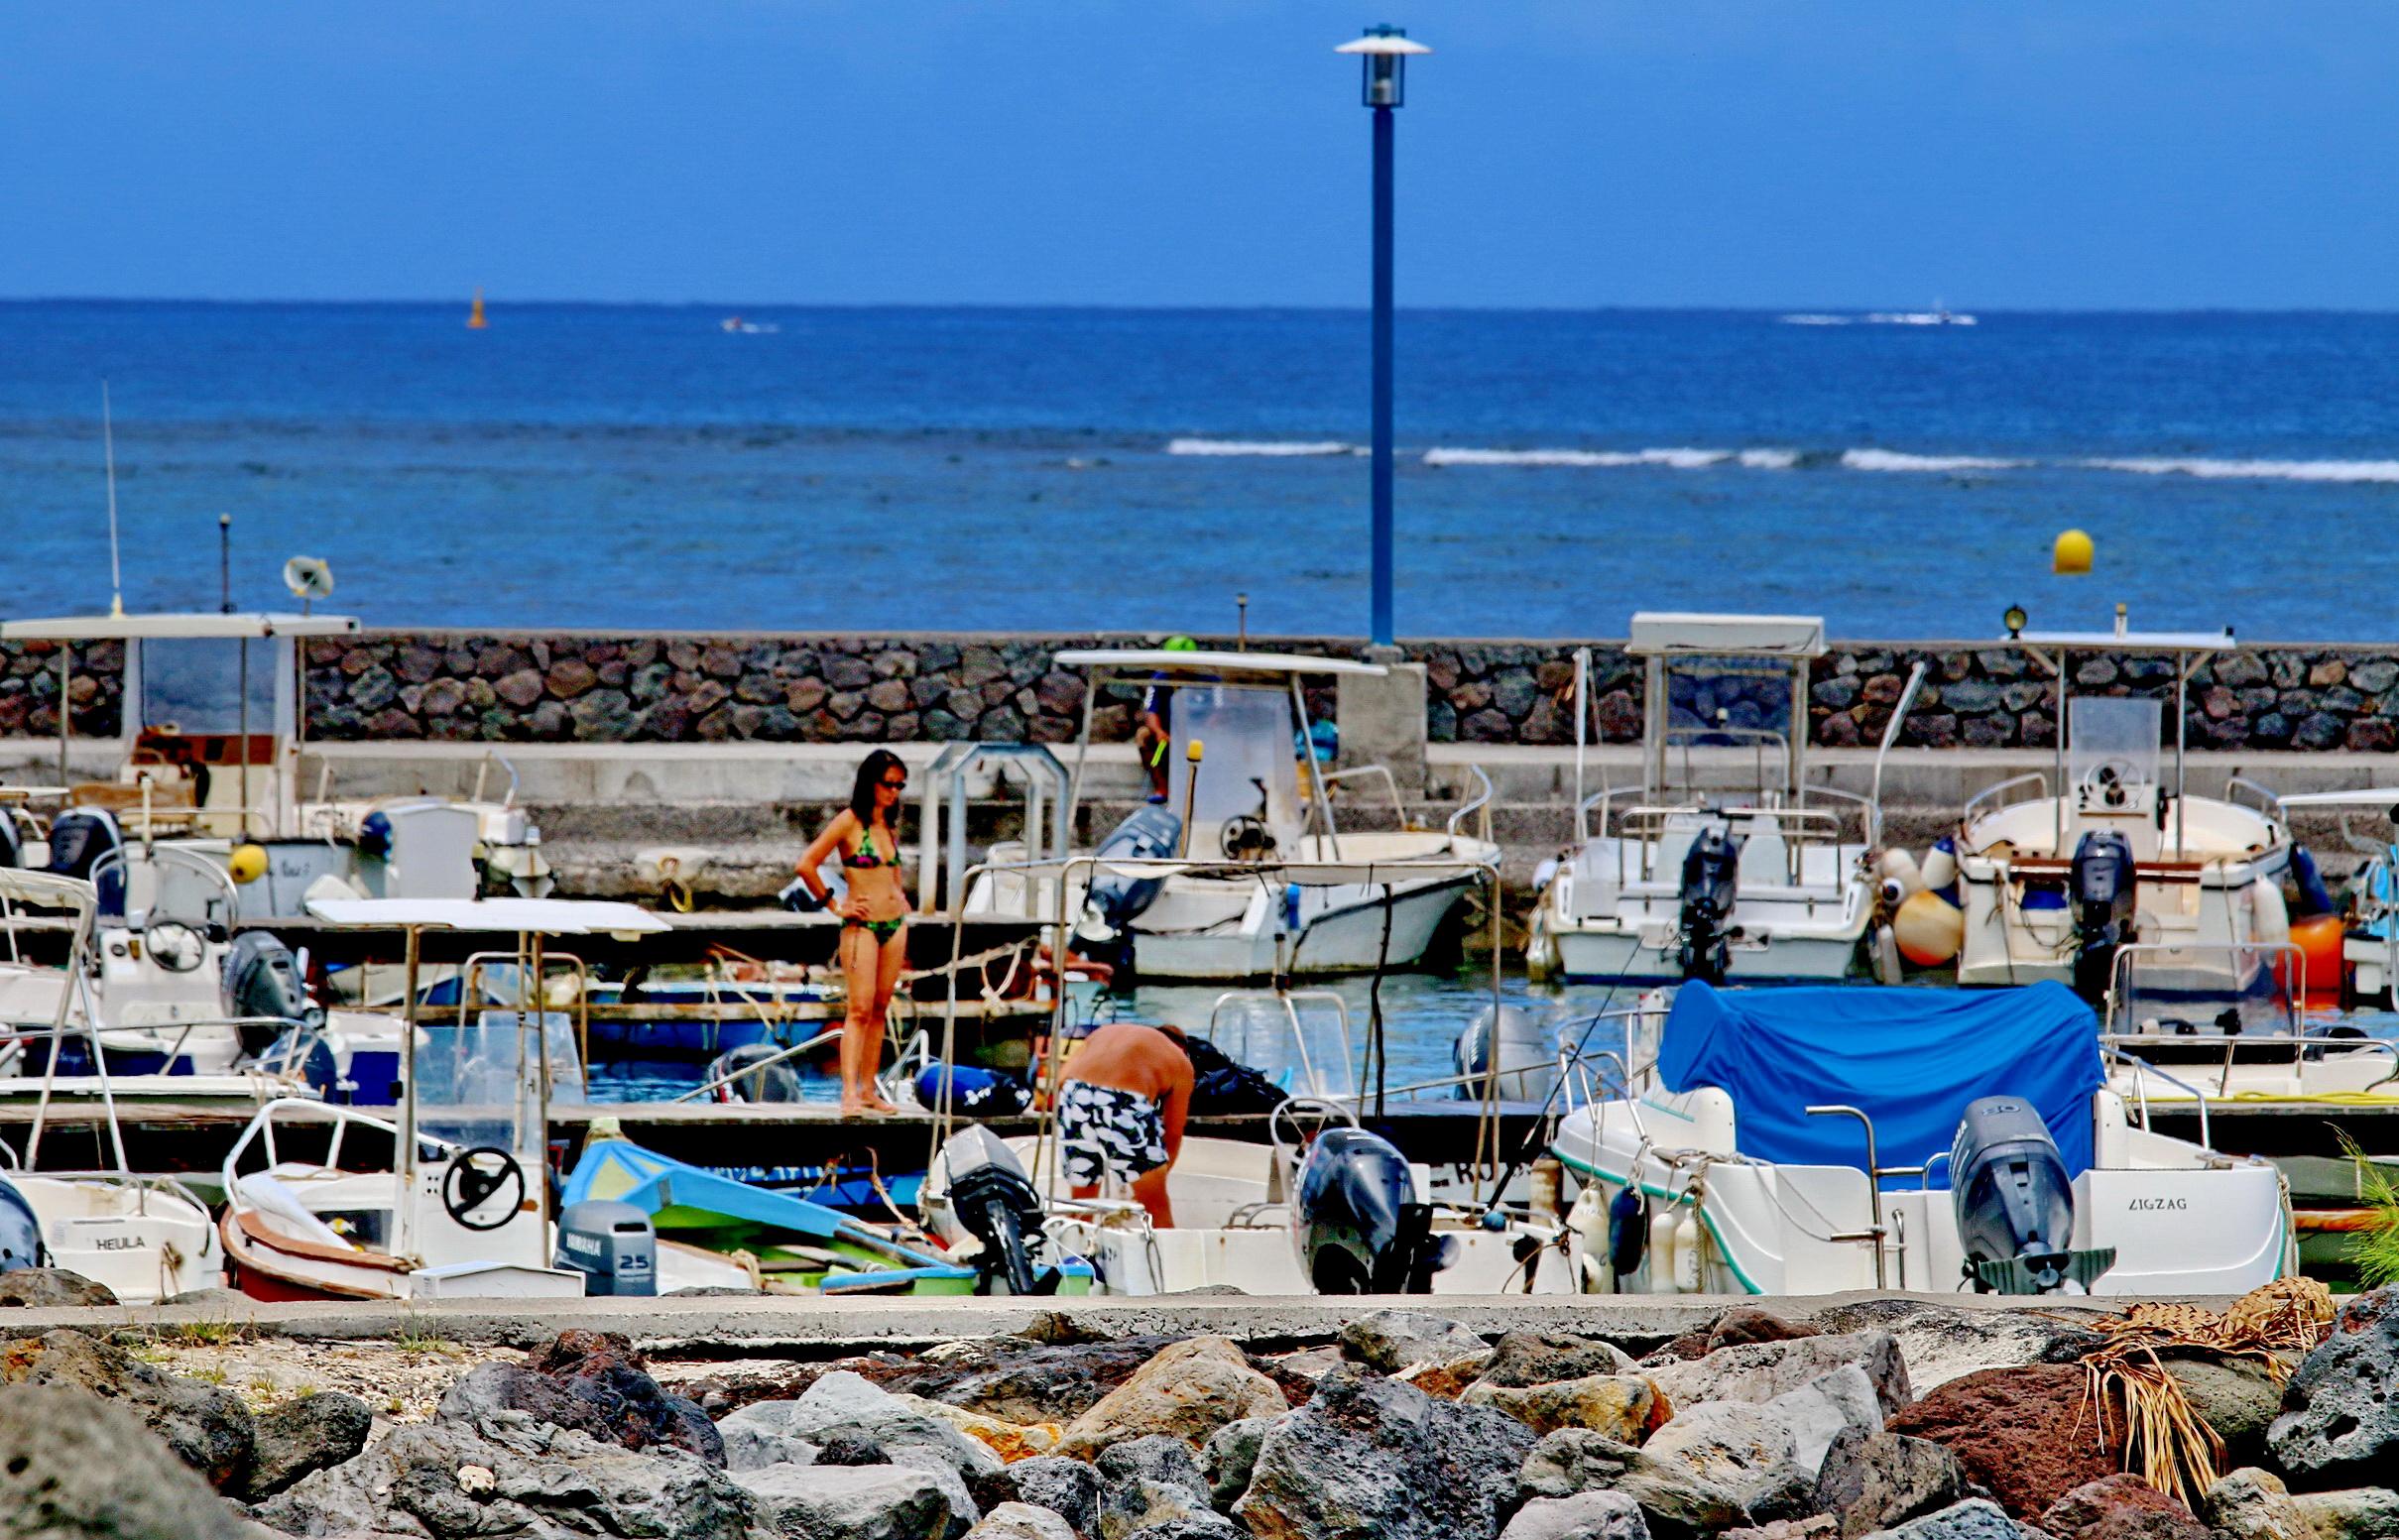 [Vie des ports] Les ports de la Réunion - Page 4 901204stpierrestleu70d061